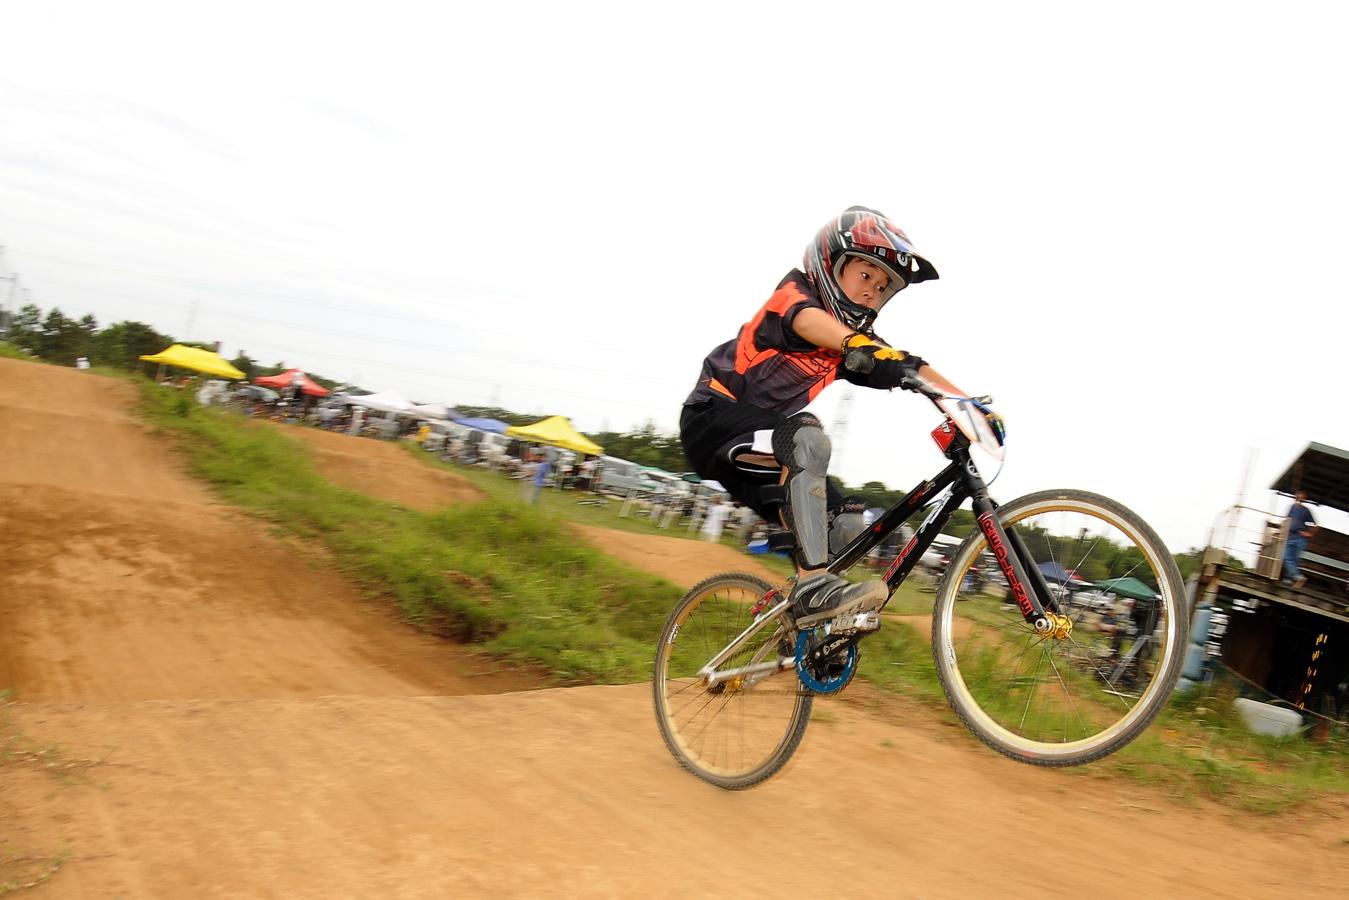 2009 7月緑山コース開放日 VOL2_b0065730_2231336.jpg